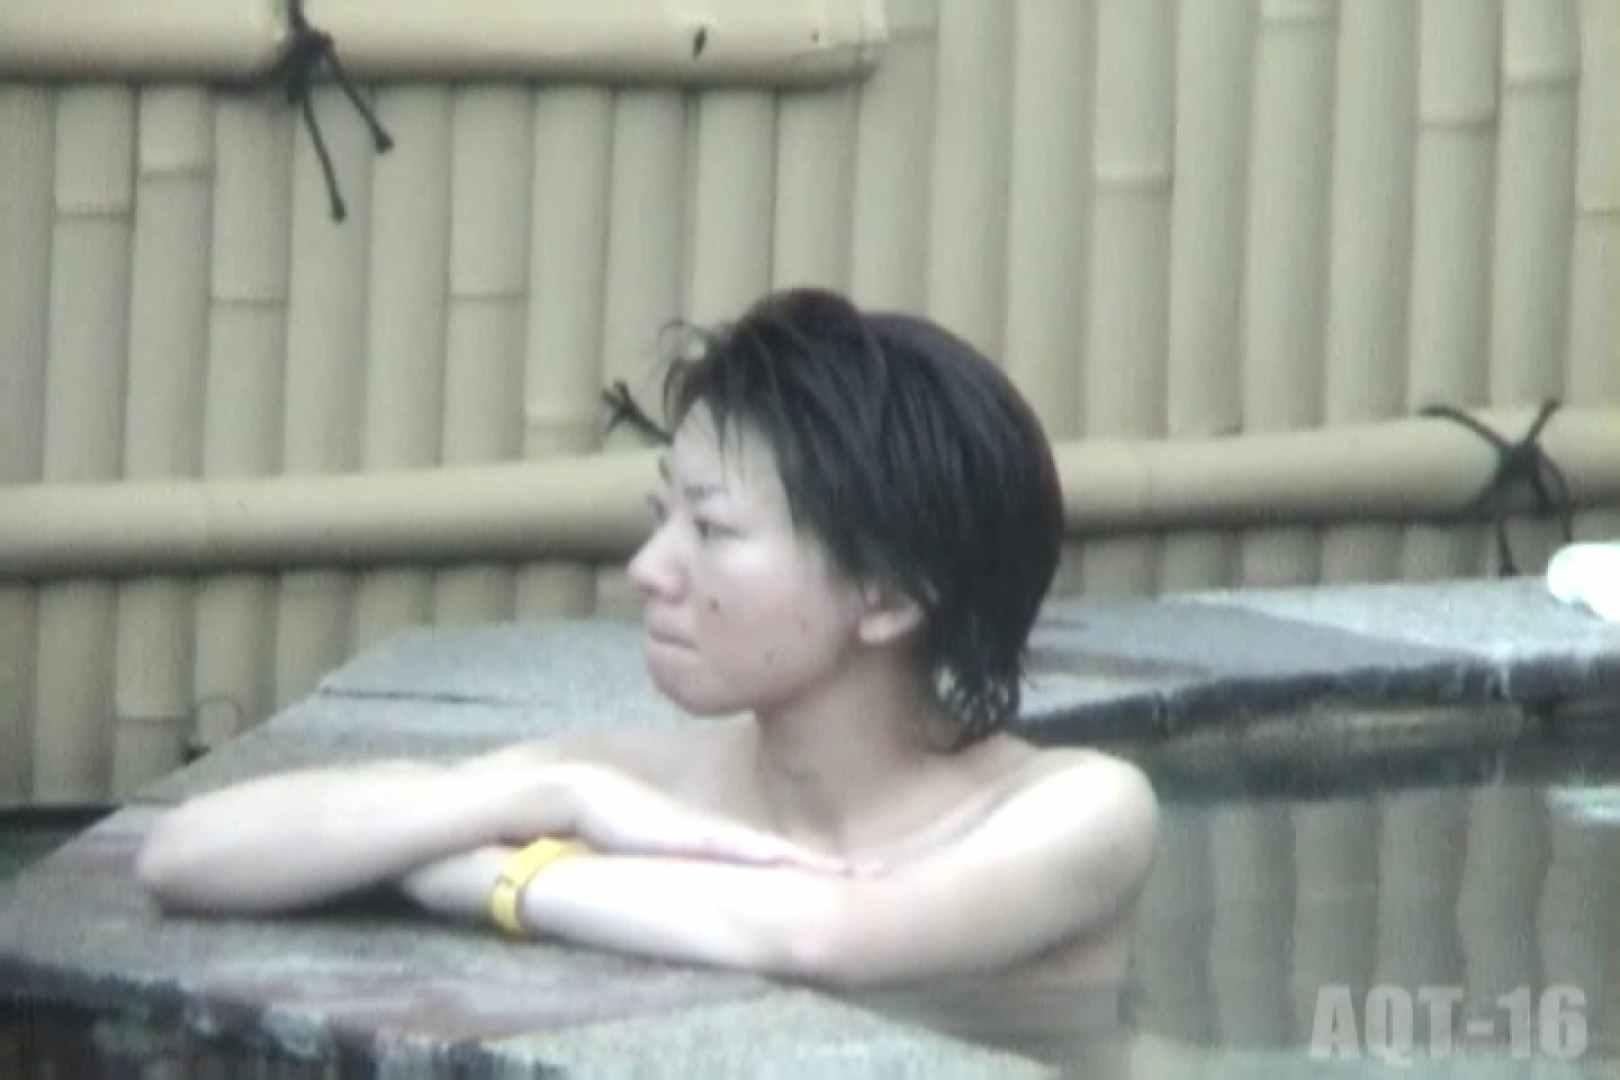 Aquaな露天風呂Vol.842 盗撮師作品   美しいOLの裸体  96pic 16